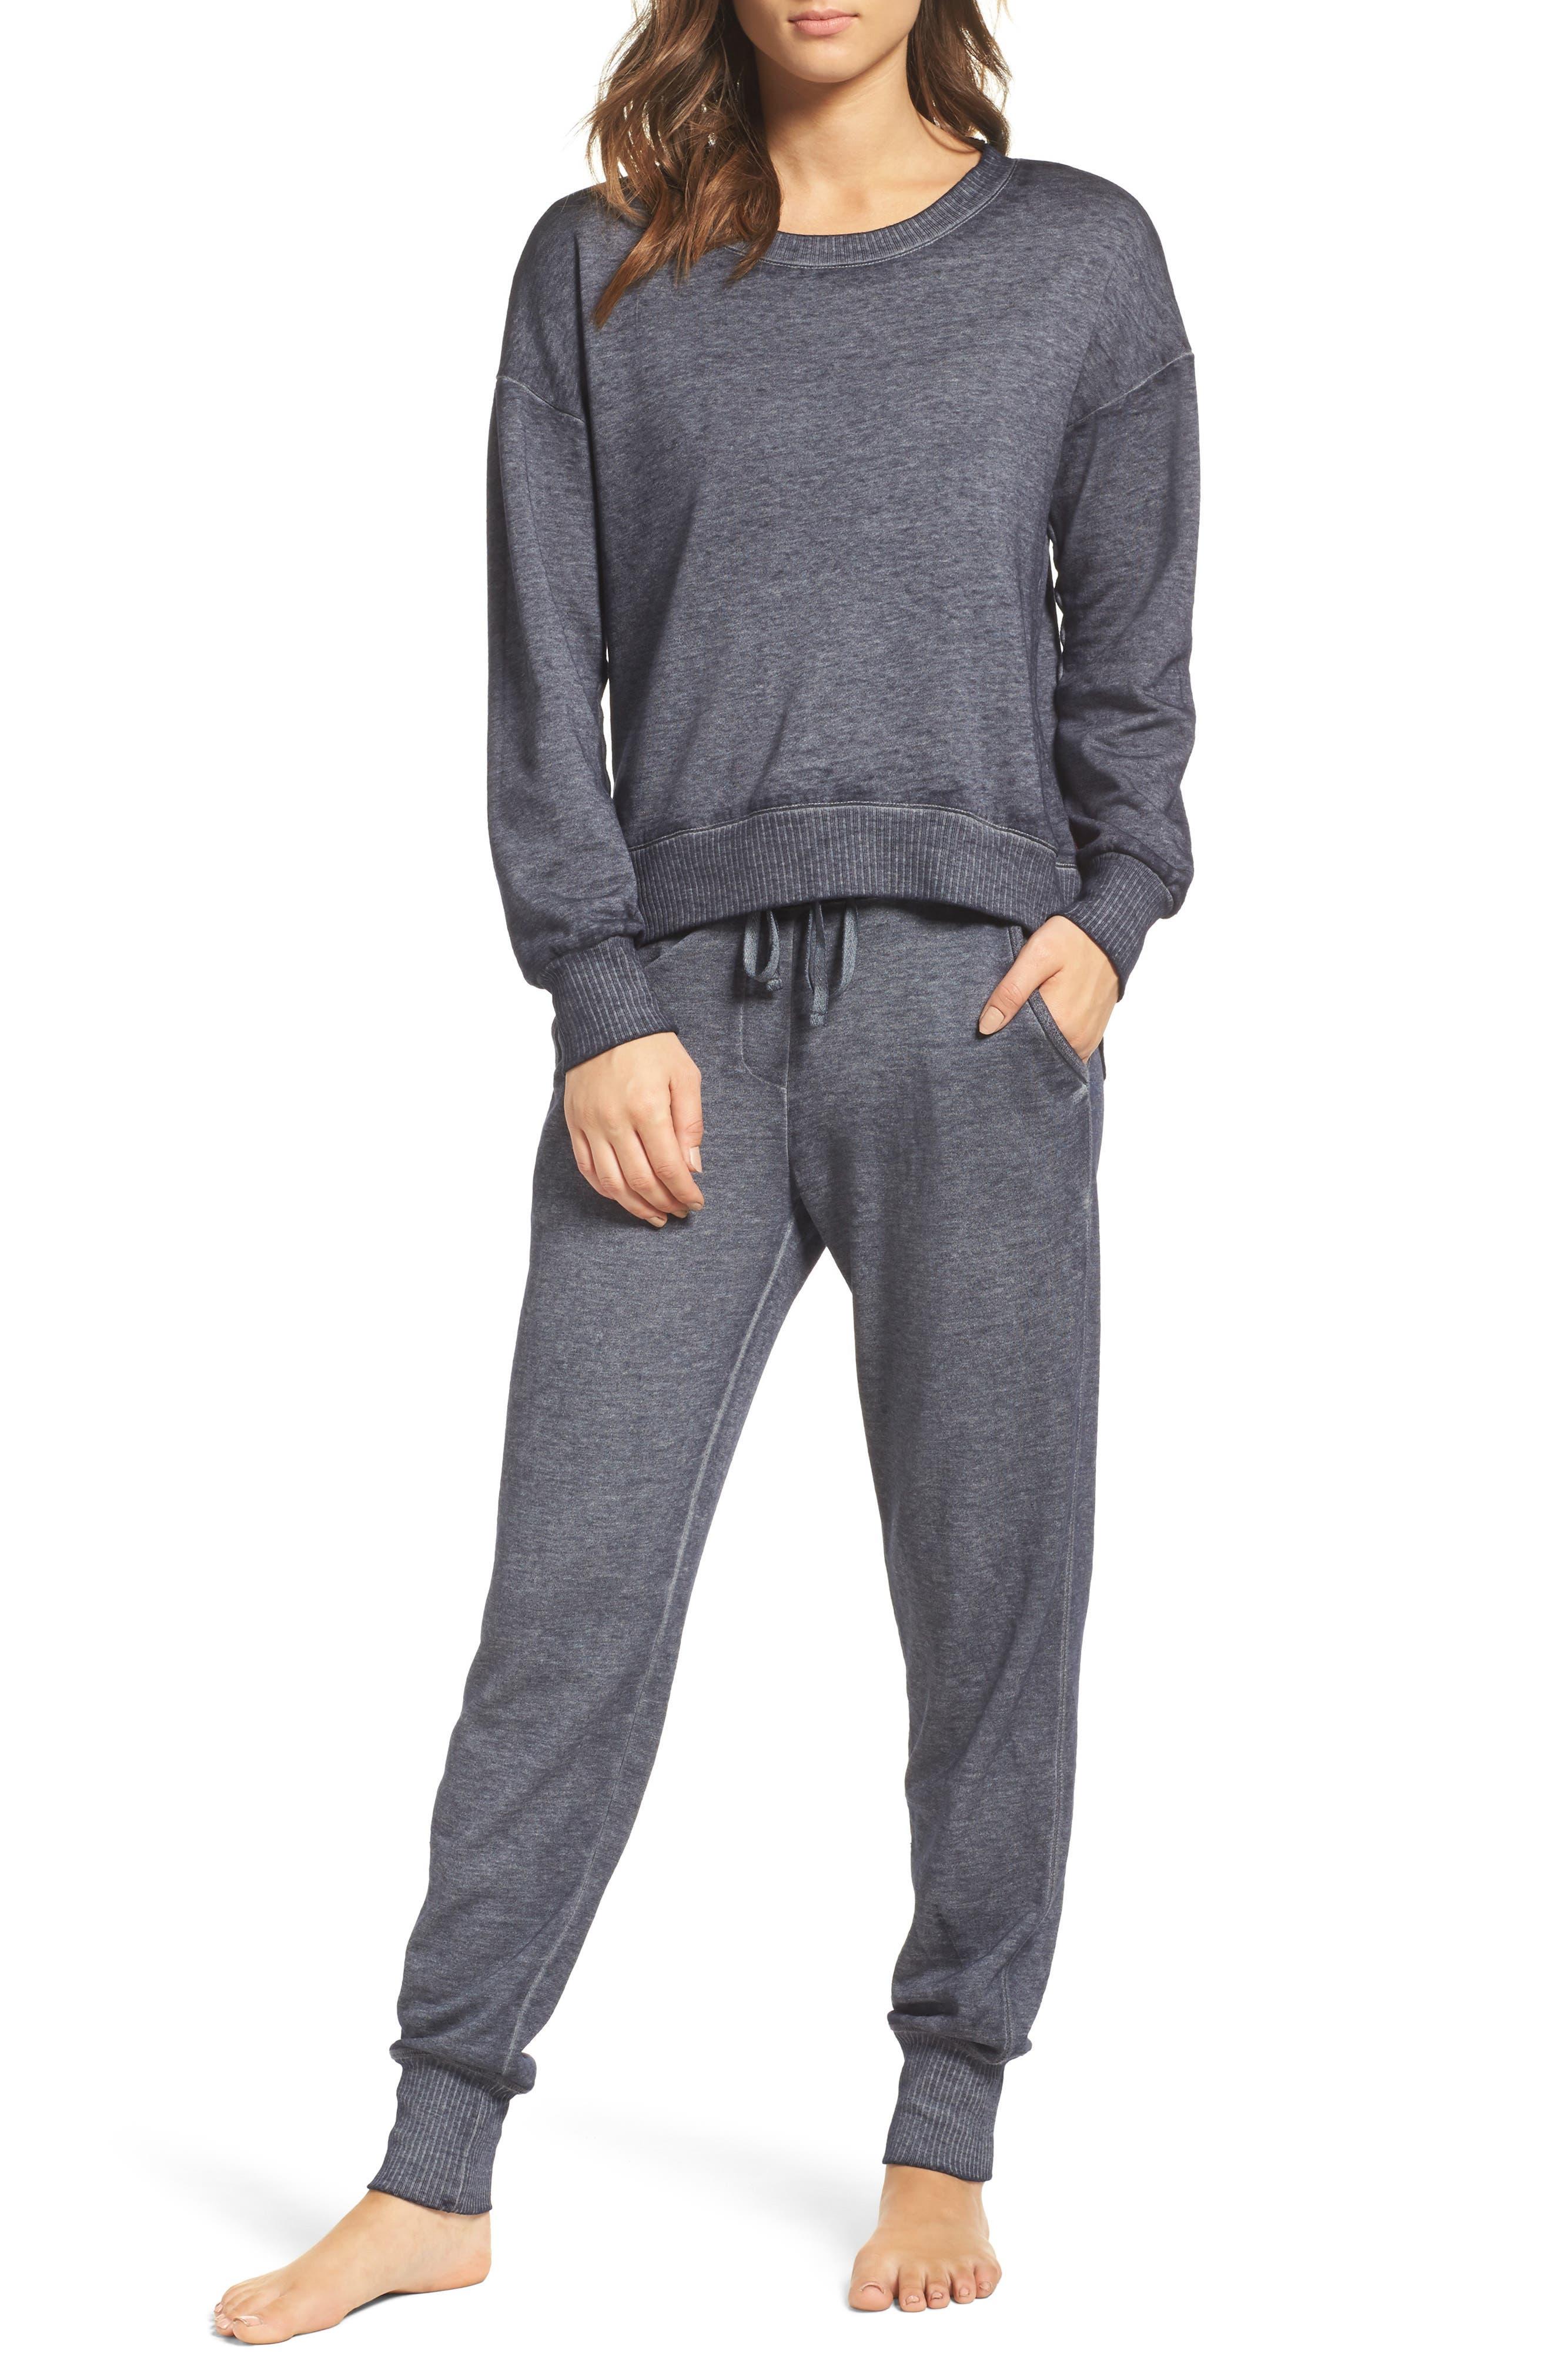 Josie Sweatshirt & Sweatpants Outfit